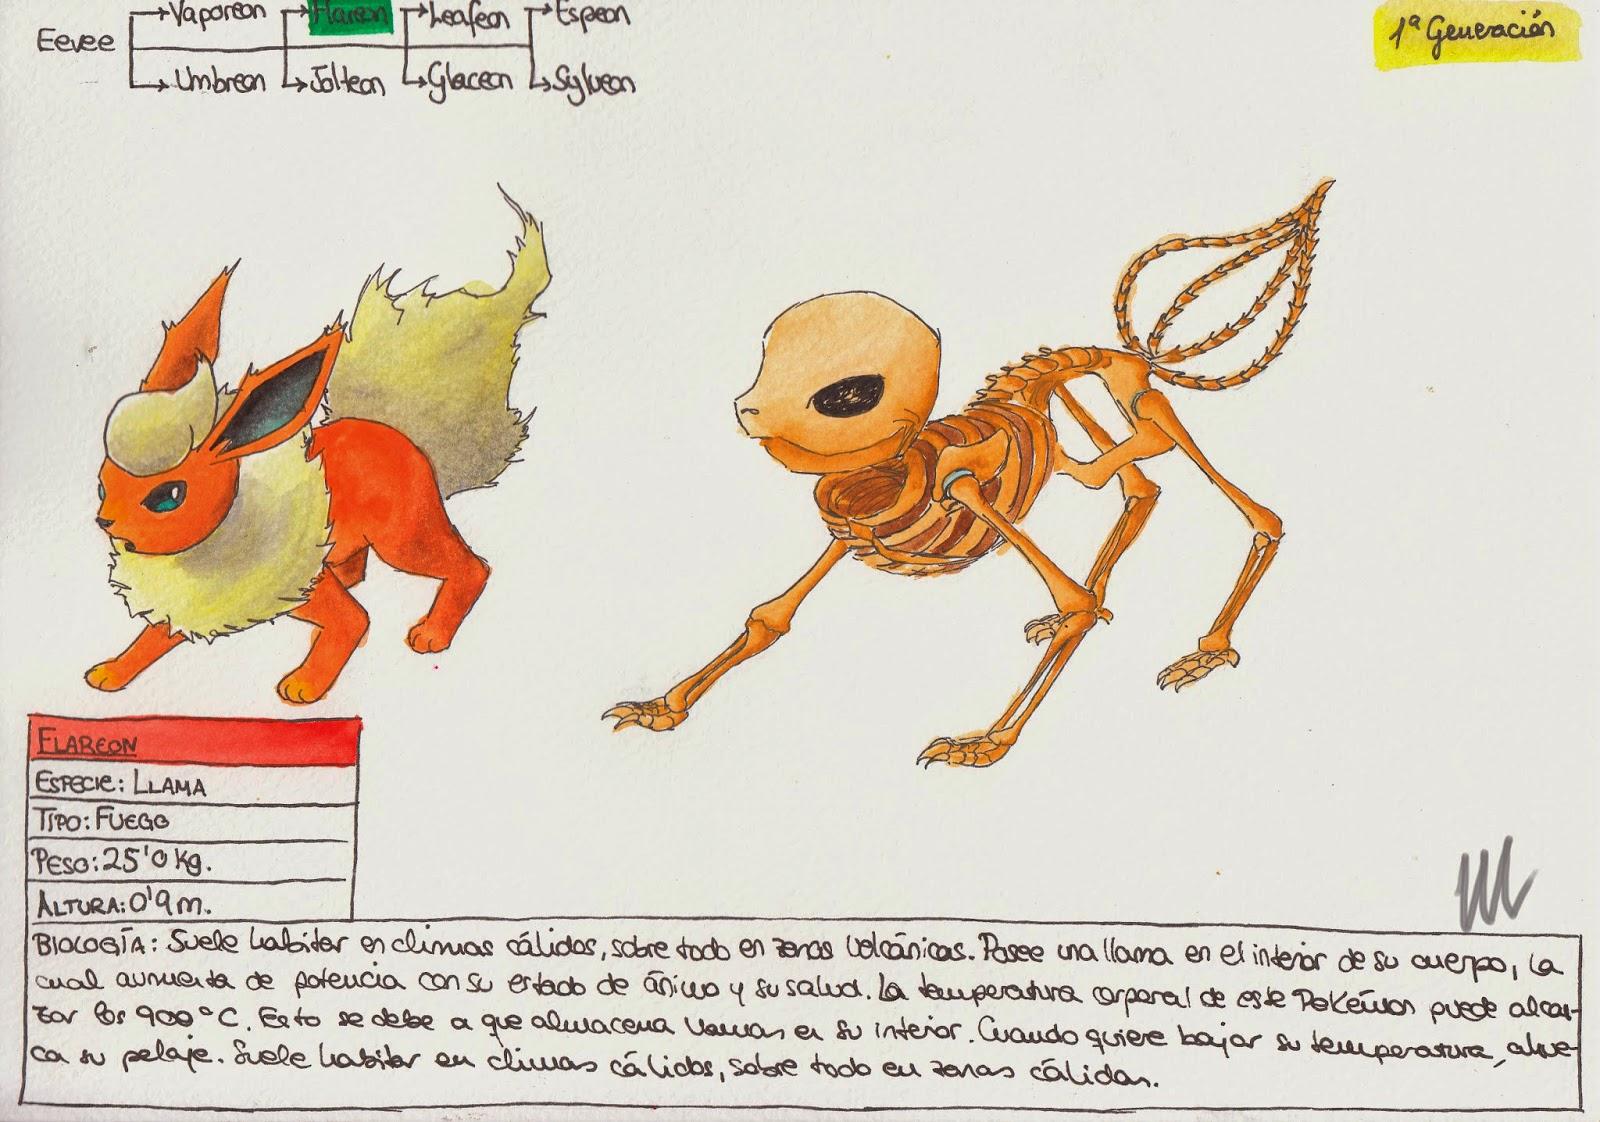 Anatomía Pokémon: Eevee, Vaporeon, Umbreon, Flareon, Jolteon,Leafeon ...